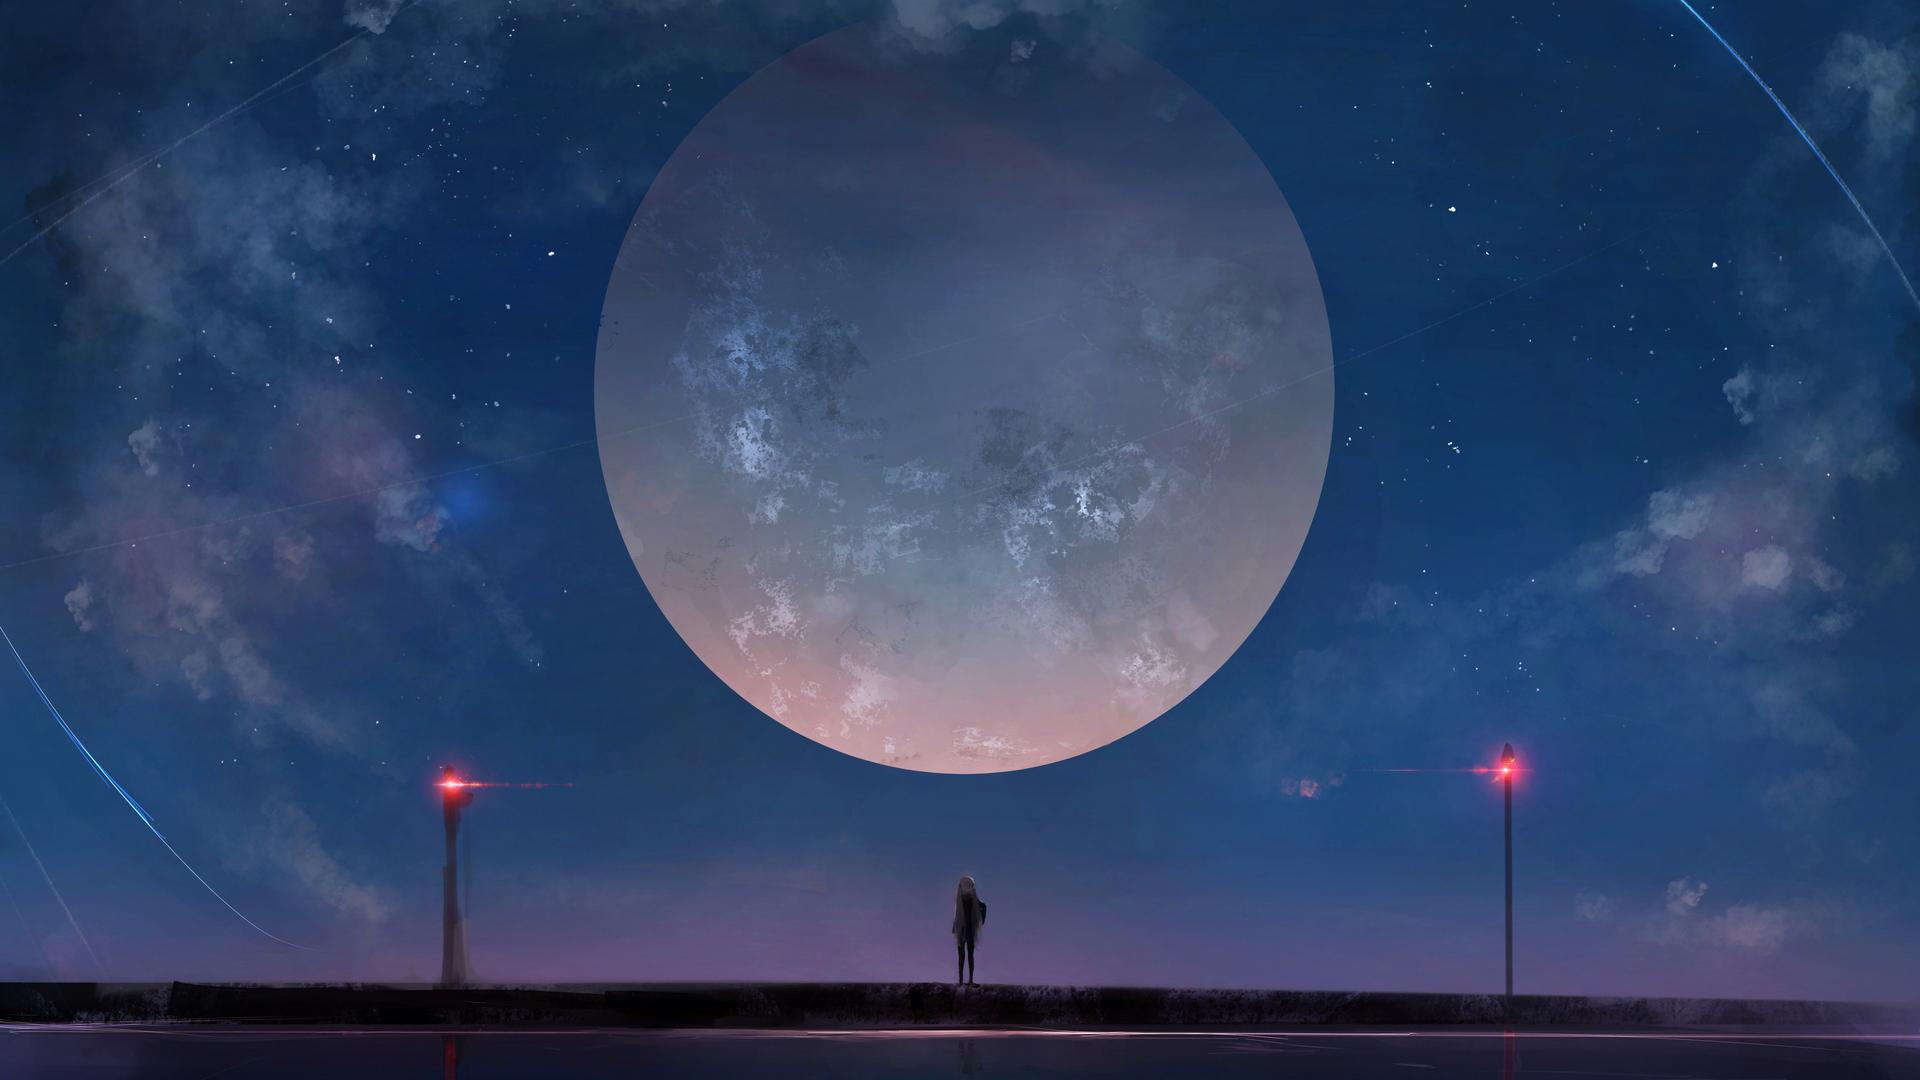 1920x1080 Huge Moon Anime Girl Night Sky Stars Laptop Full